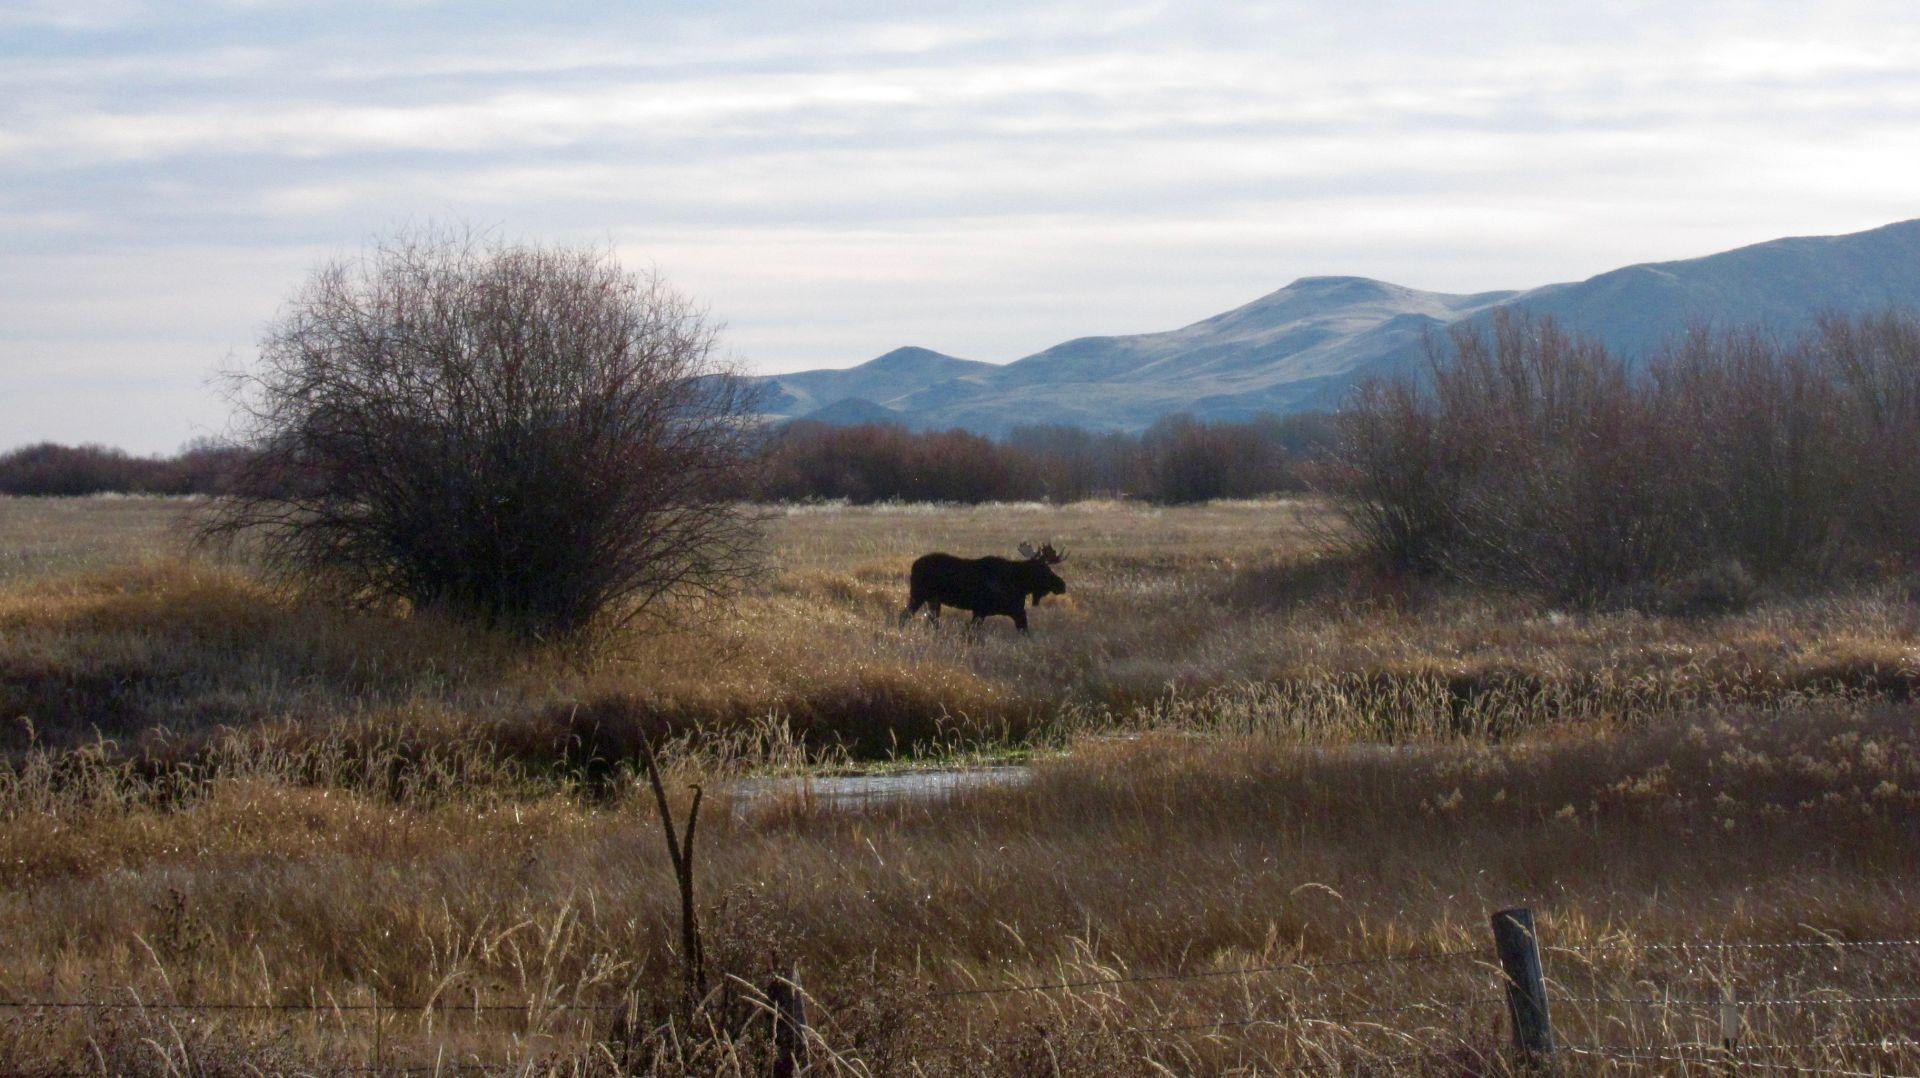 Moose at Silver Creek Preserve